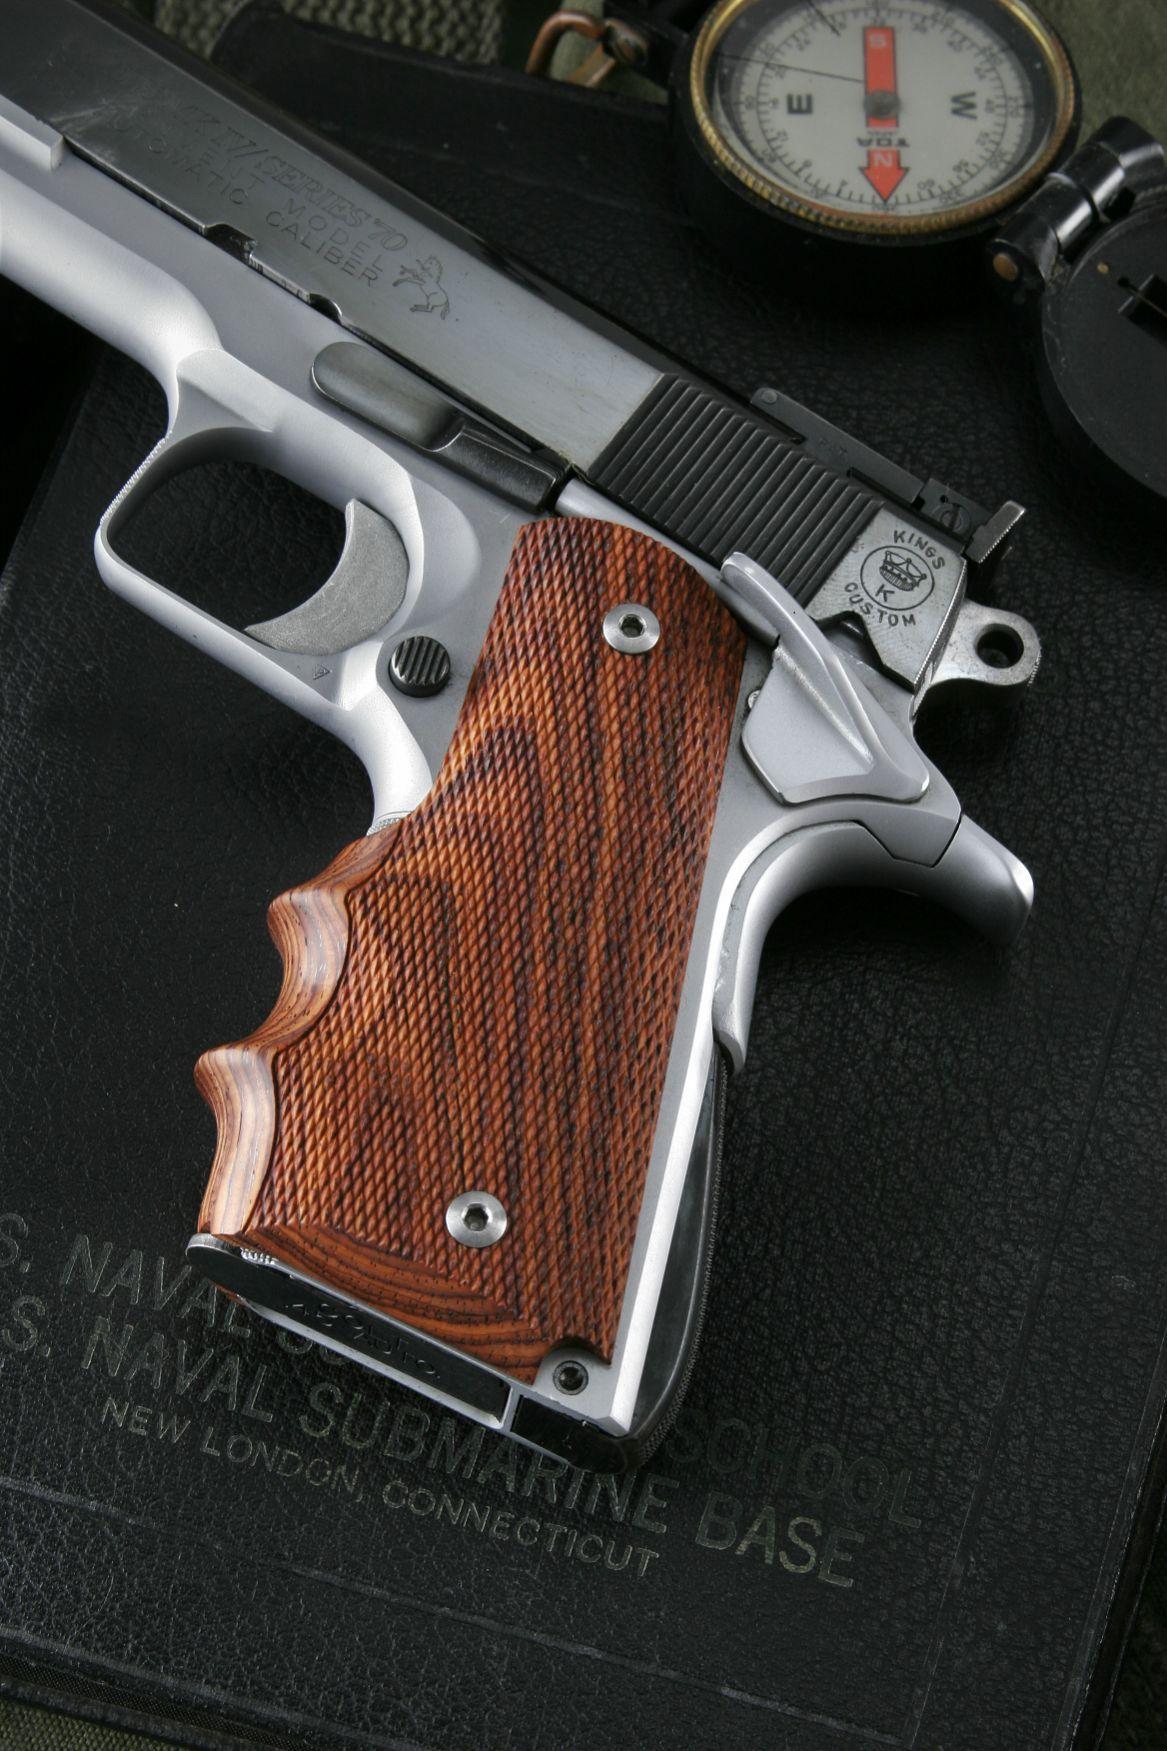 Pin by RAE Industries on Colt Mark IV Series 70 | Guns, Hand guns